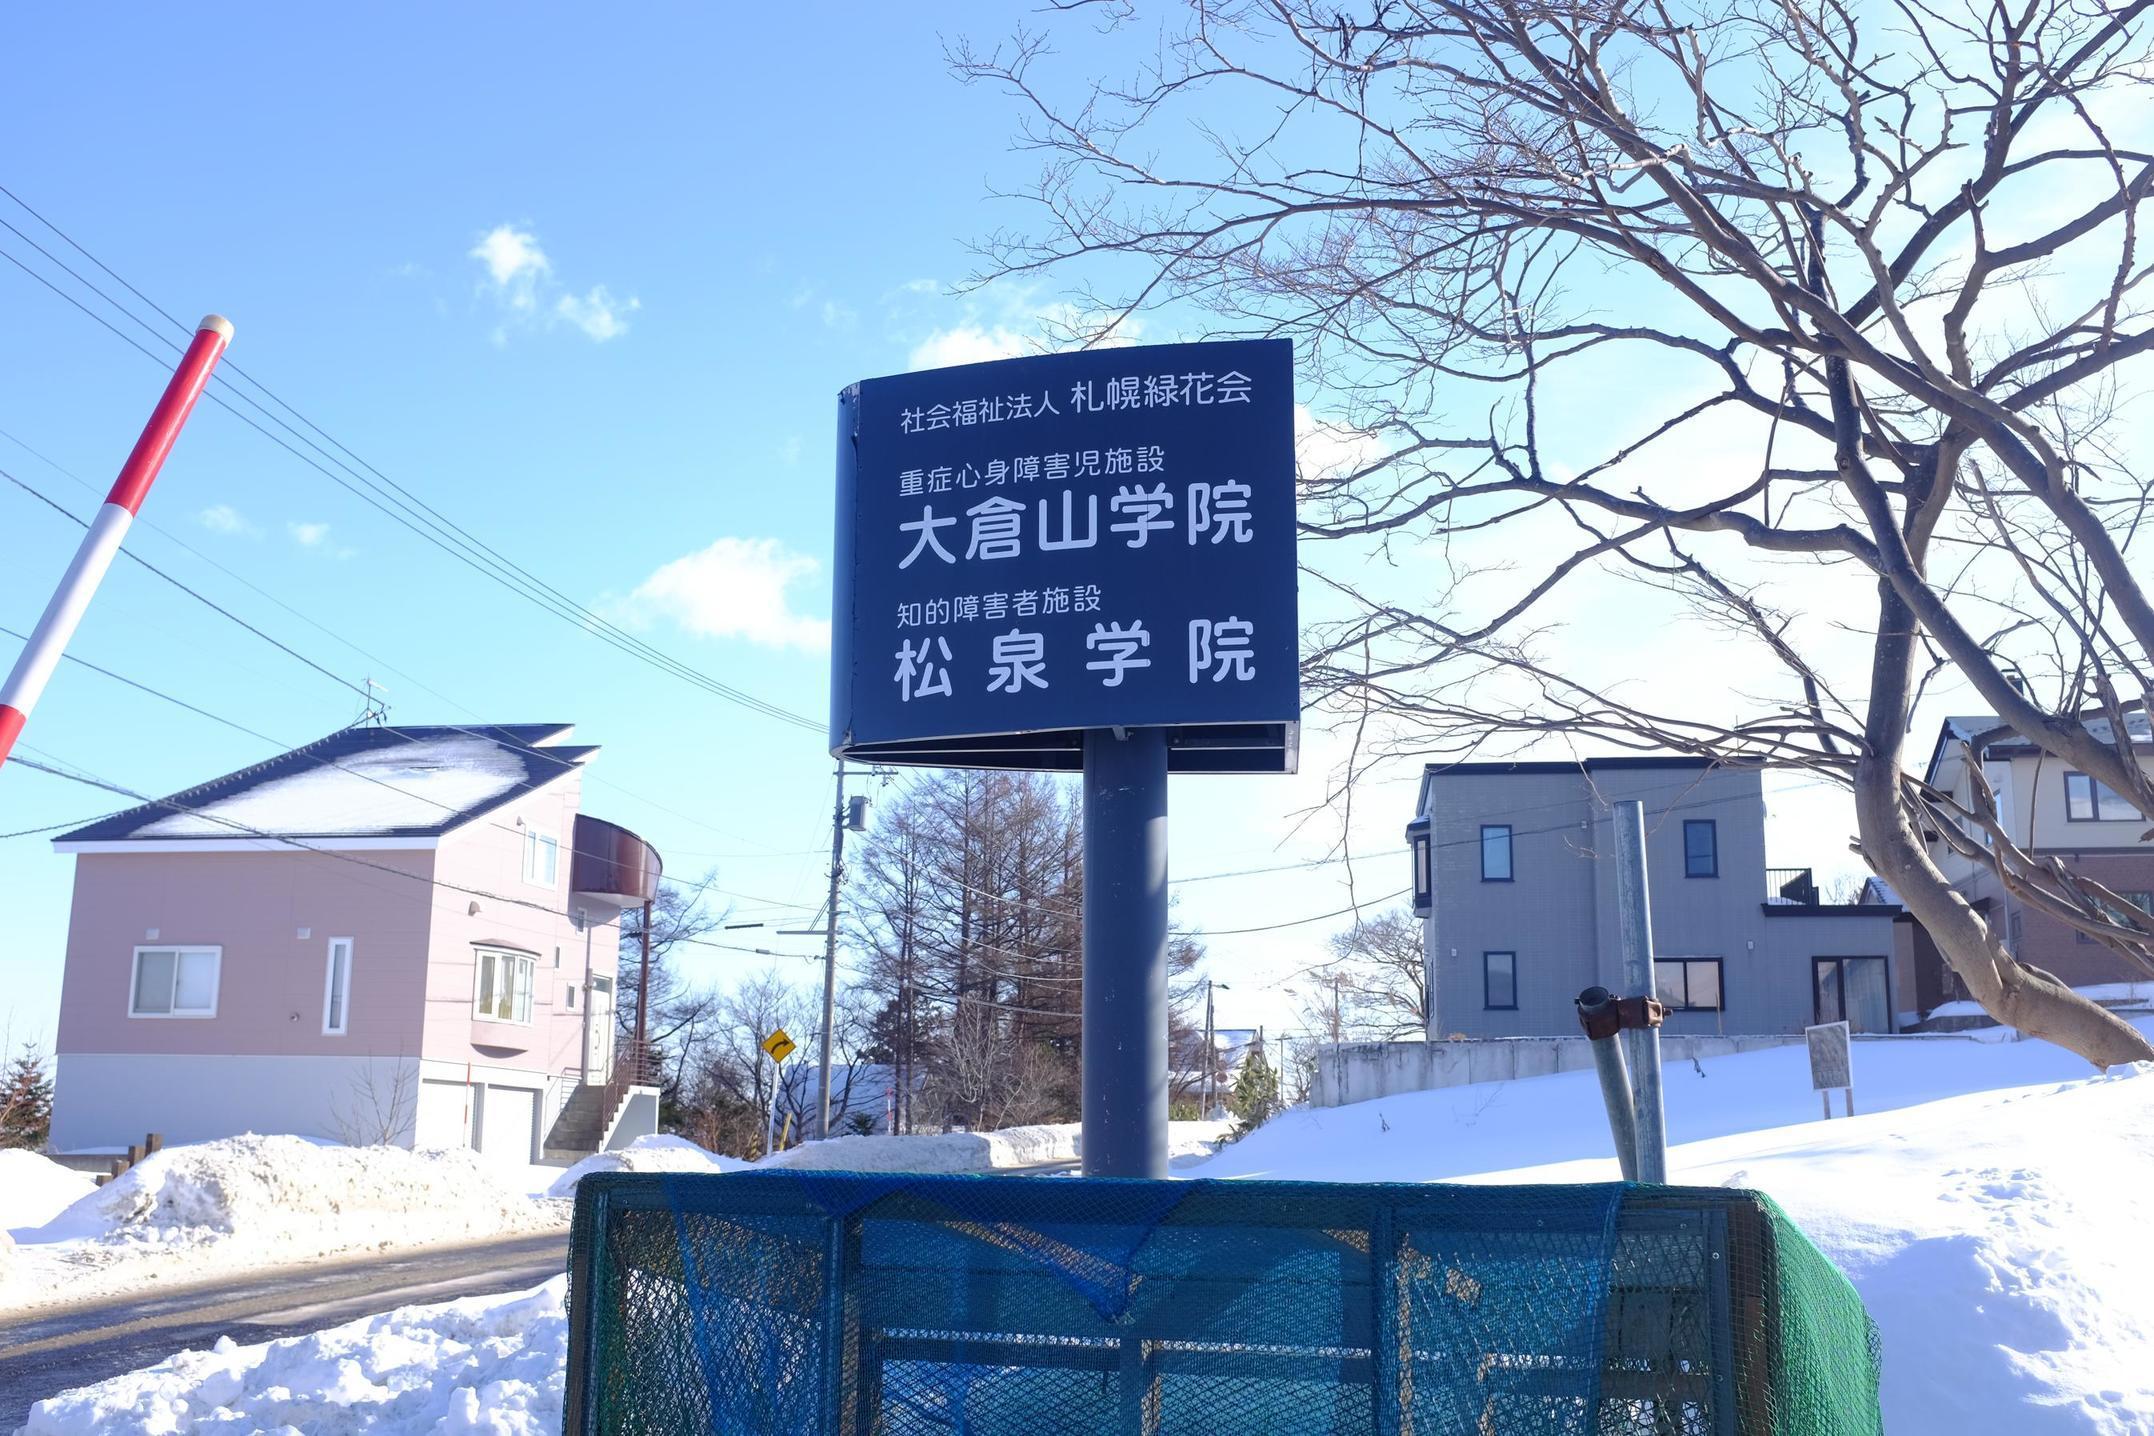 2019/1/10 銭函天狗山 01_d0233770_23051425.jpg